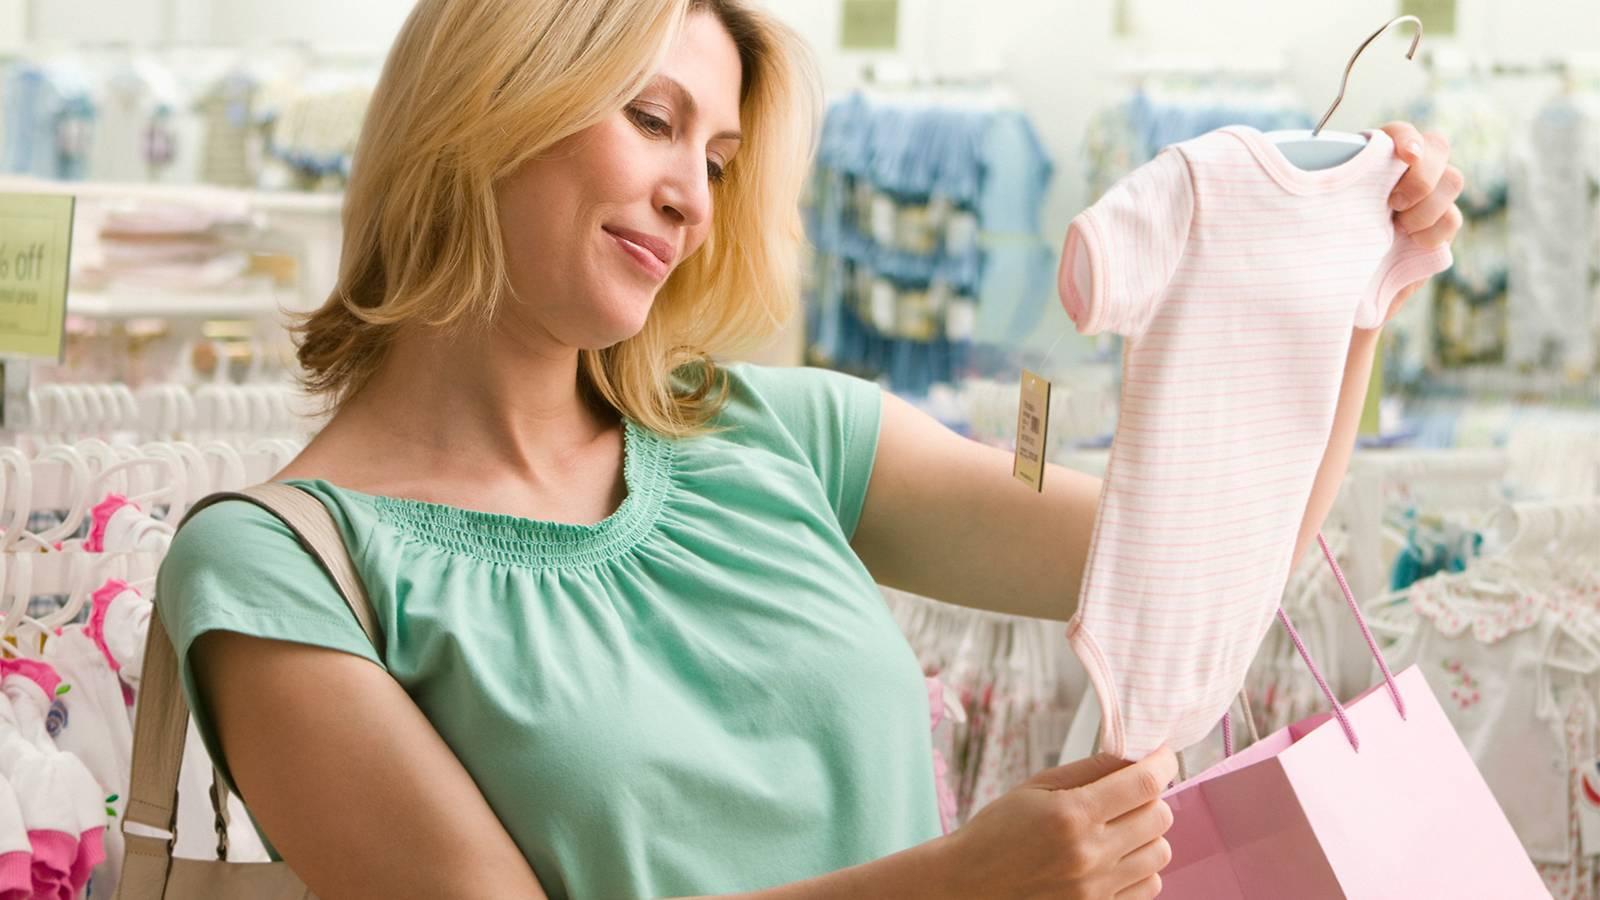 نکات مهم هنگام خرید لباس نوزاد